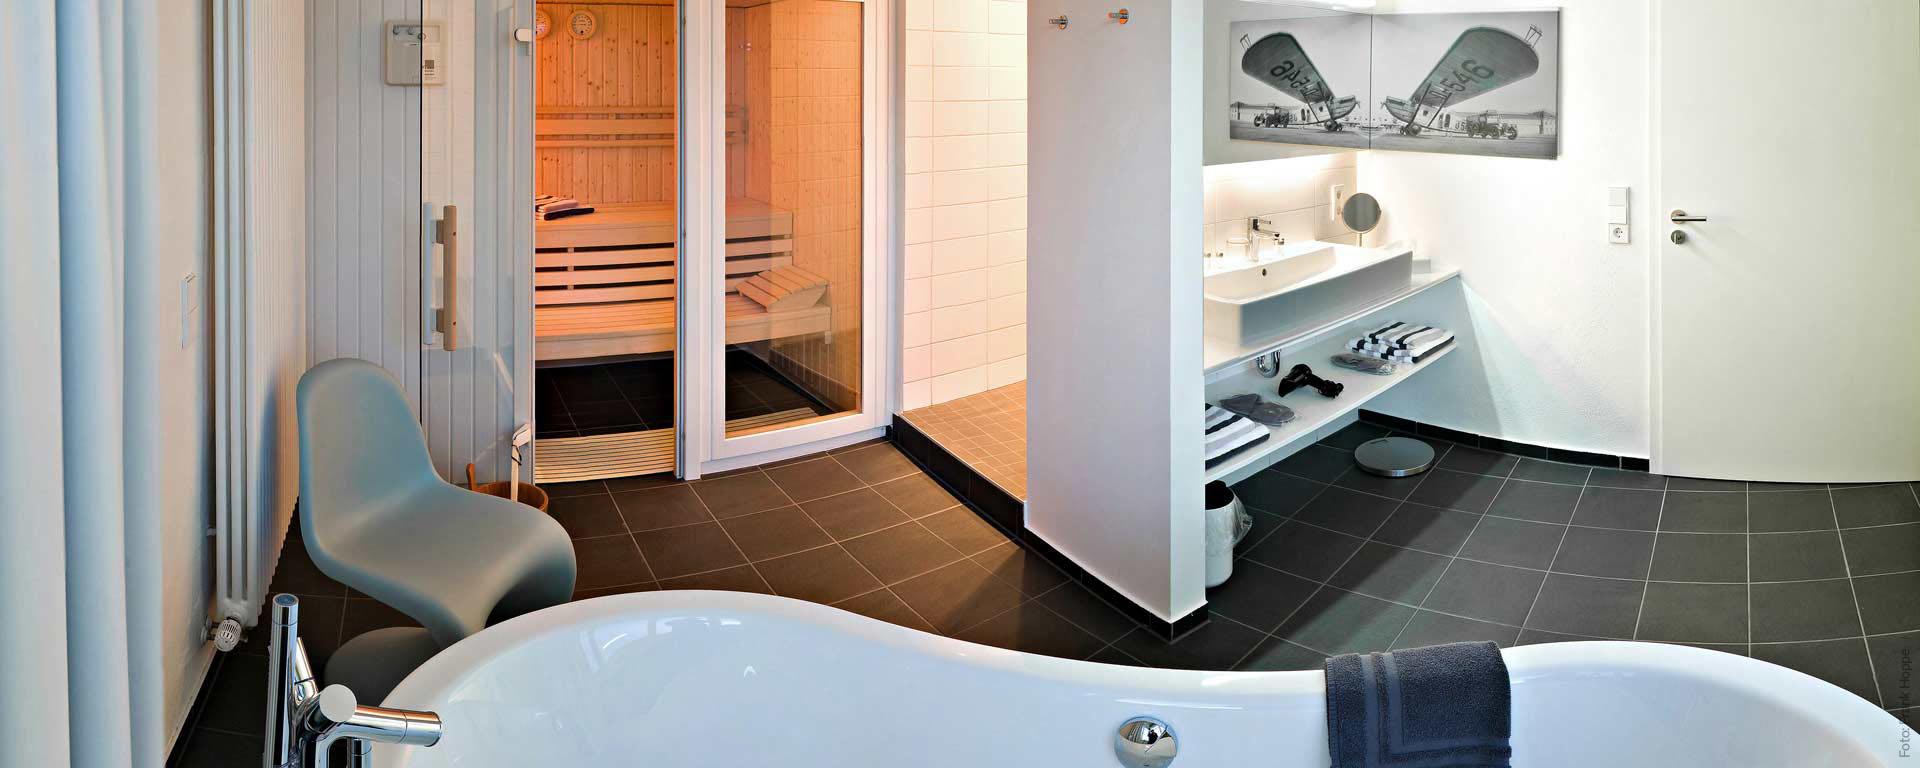 Kurzurlaub und Wellness im V8 Hotel Designhotel Böblingen Übernachten Sie z.B. in unserer Suite mit privater Sauna.